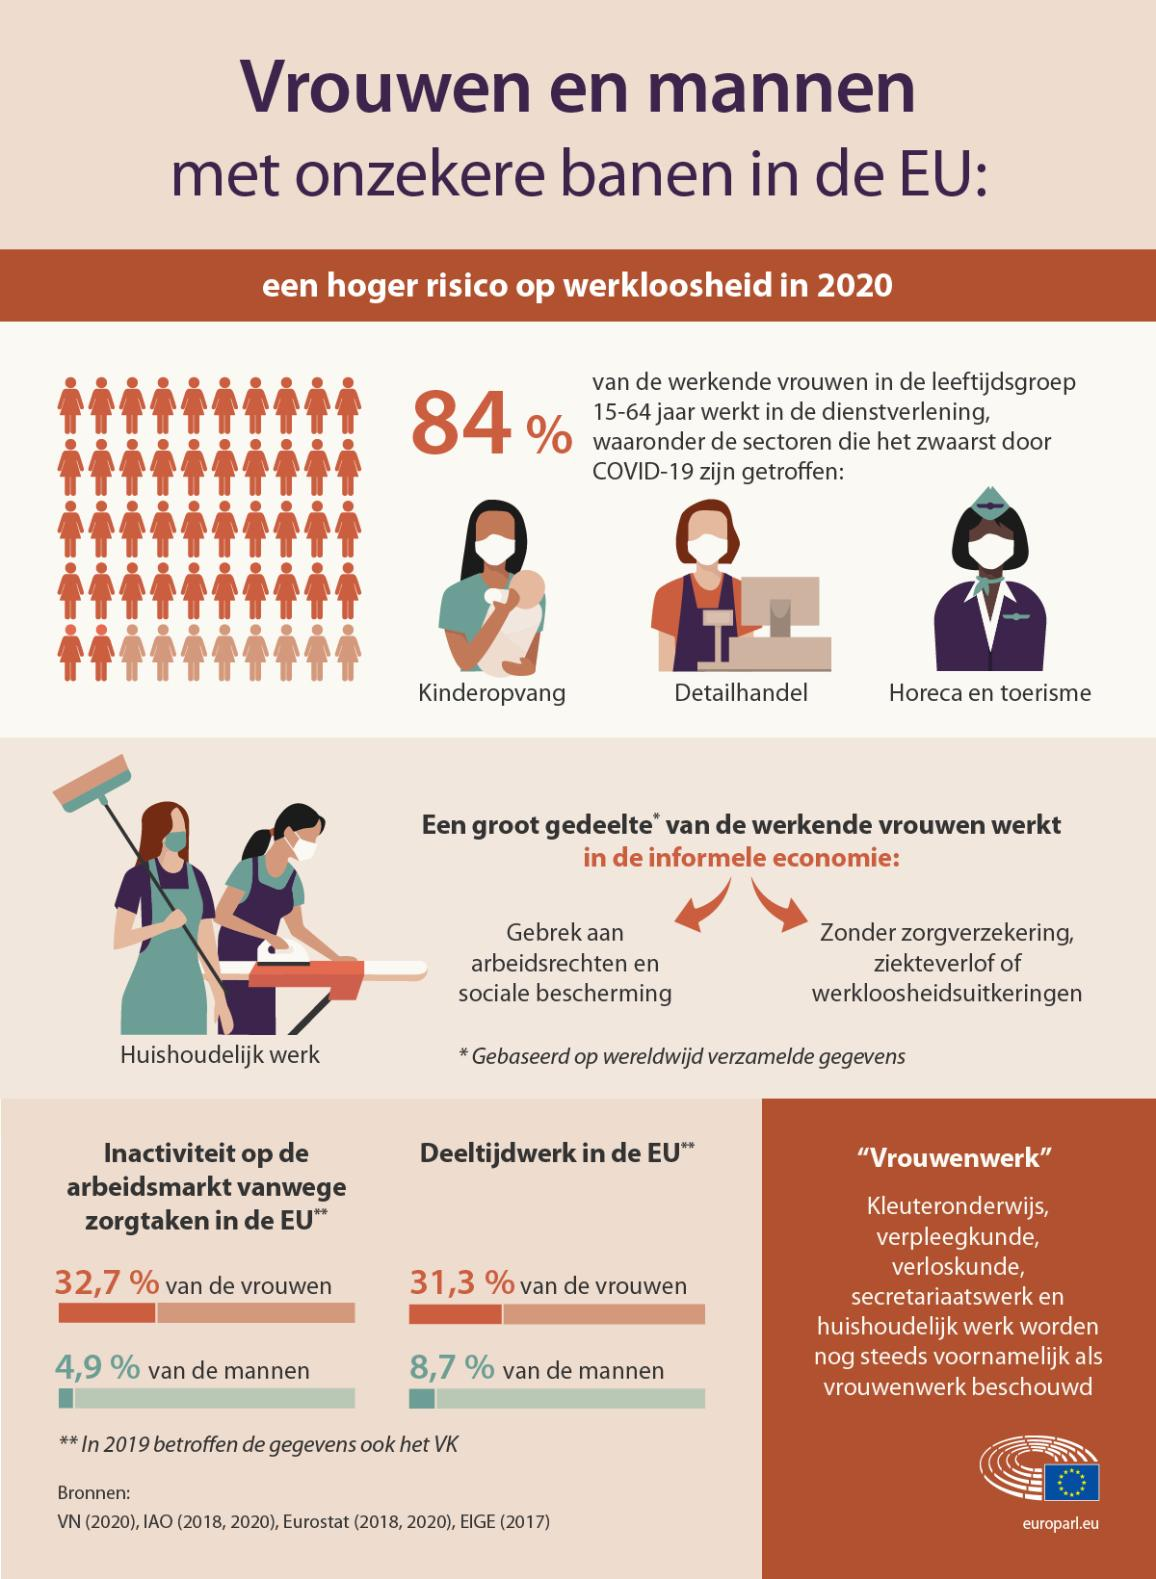 De infografiek laat zien dat vrouwen door de coronavirus-pandemie een groter risico lopen op werkloosheid en onzekere banen.